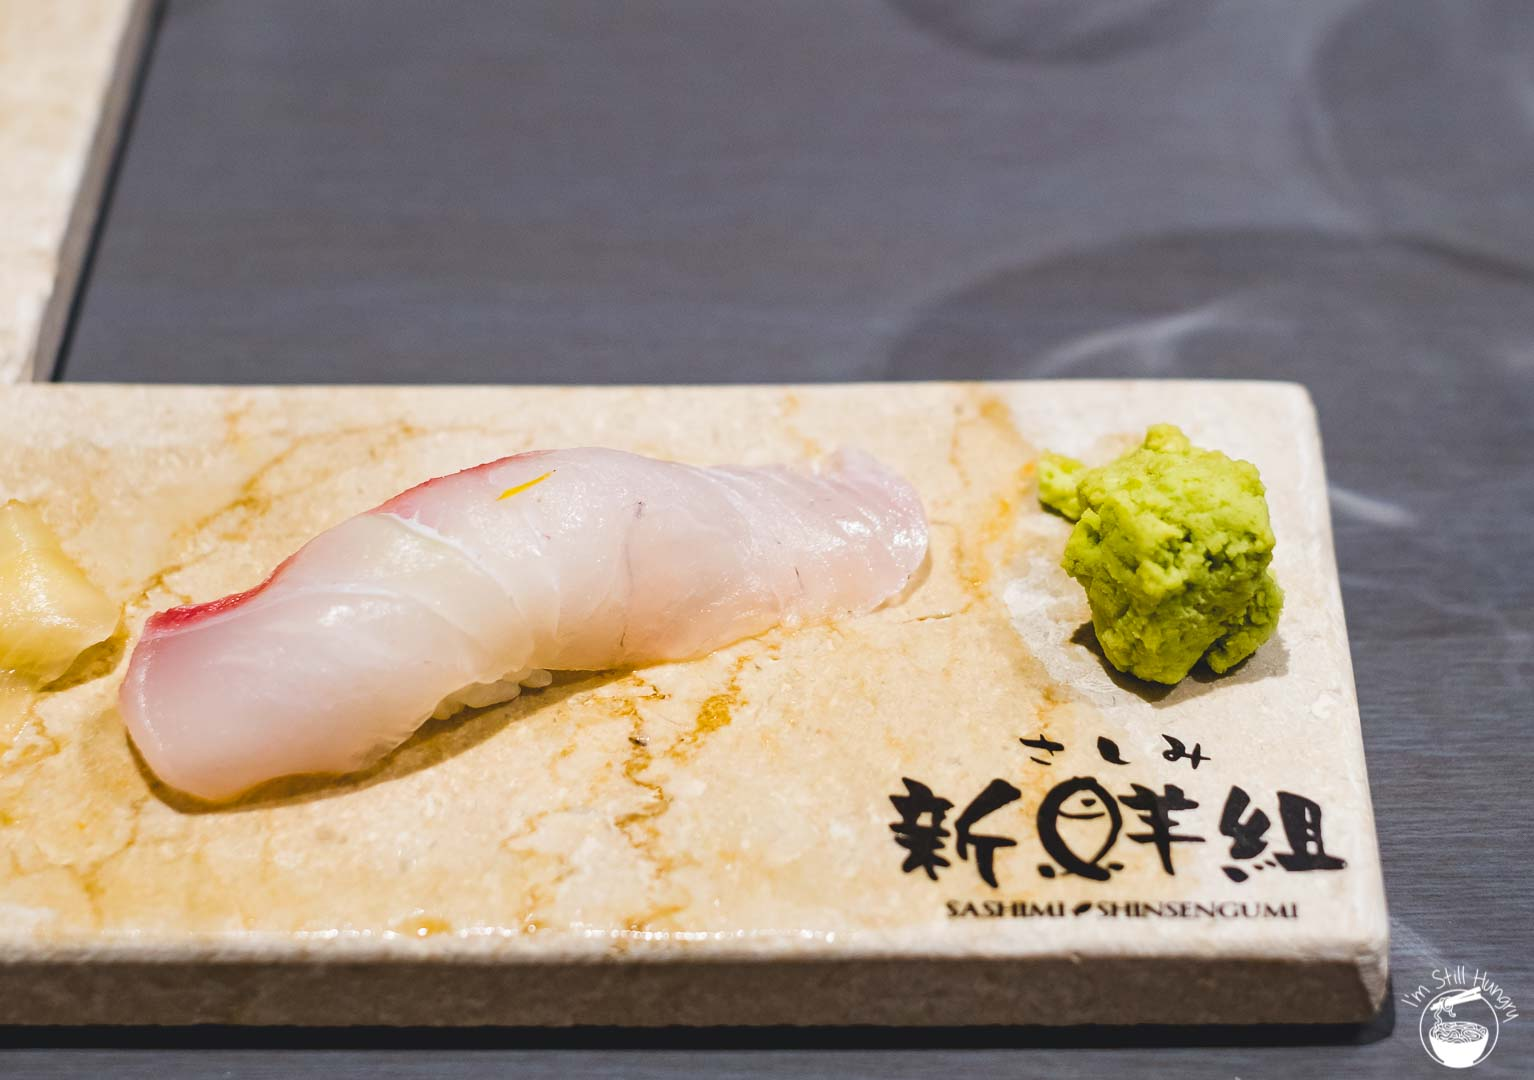 Sashimi Shinsengumi Crows Nest Sushi Omakase Snapper